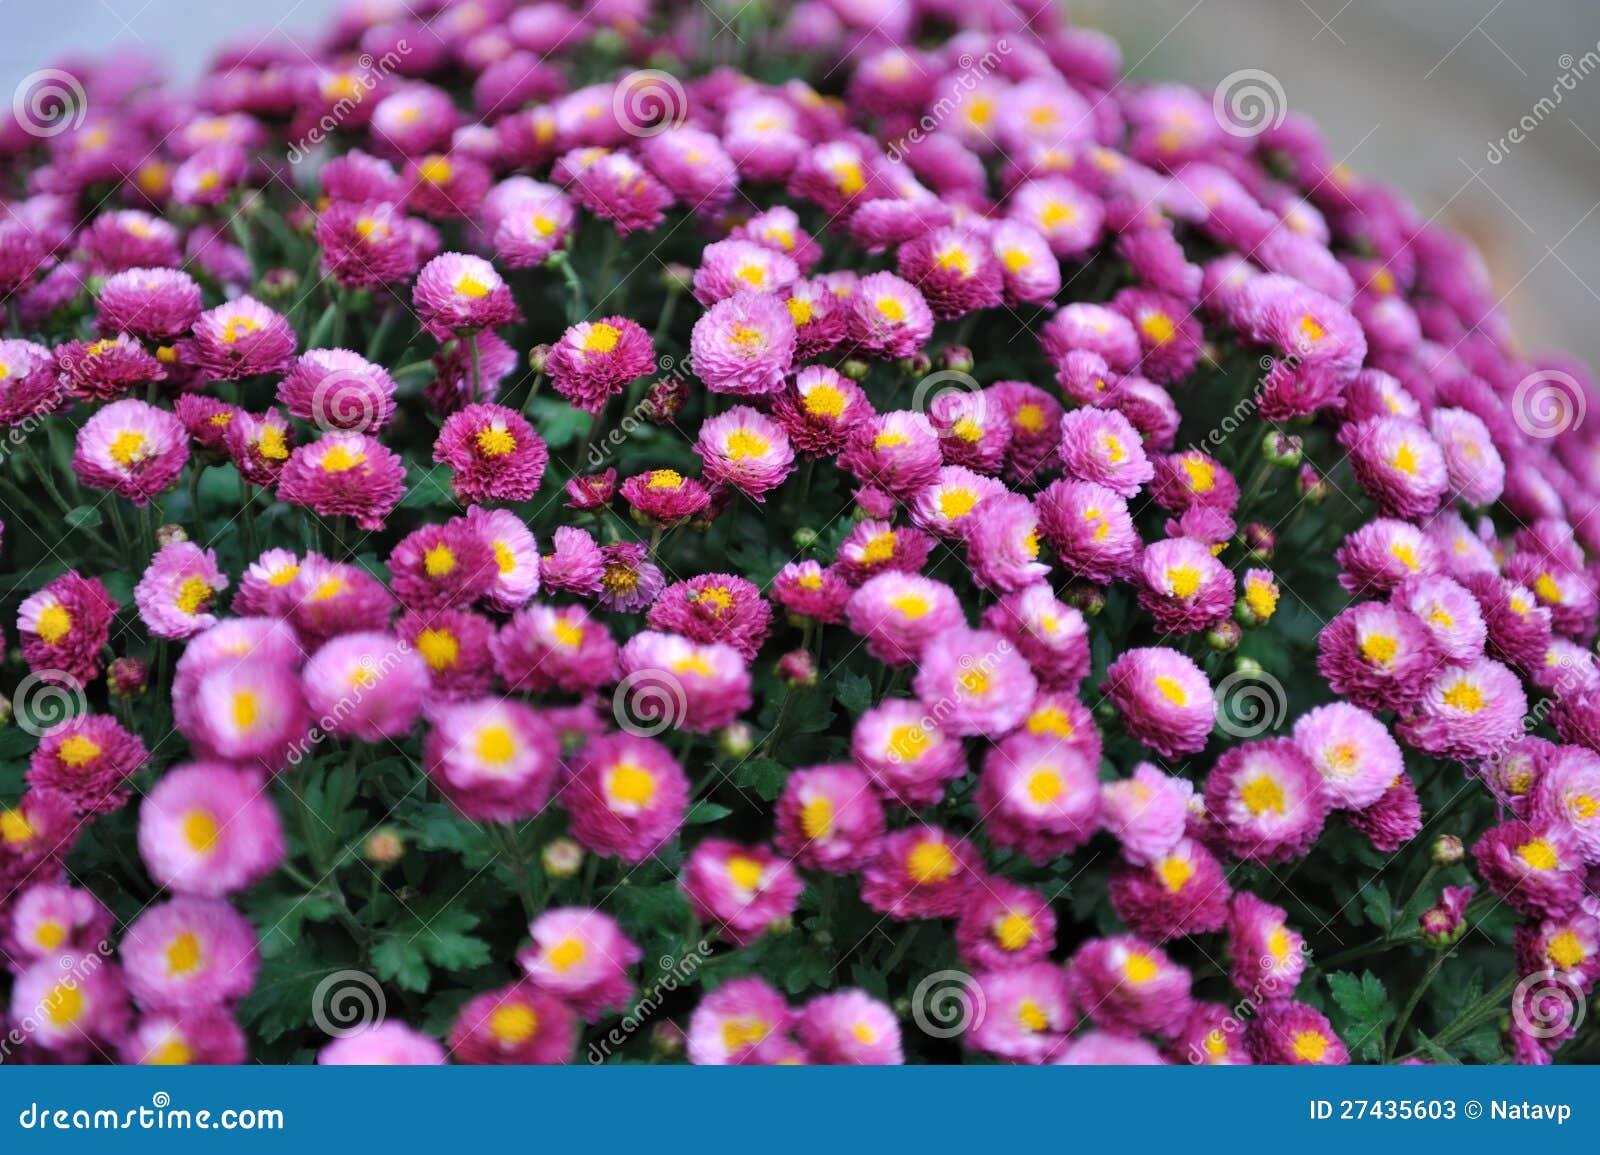 lila herbstblumen stockbild bild von direkt herbst 27435603. Black Bedroom Furniture Sets. Home Design Ideas